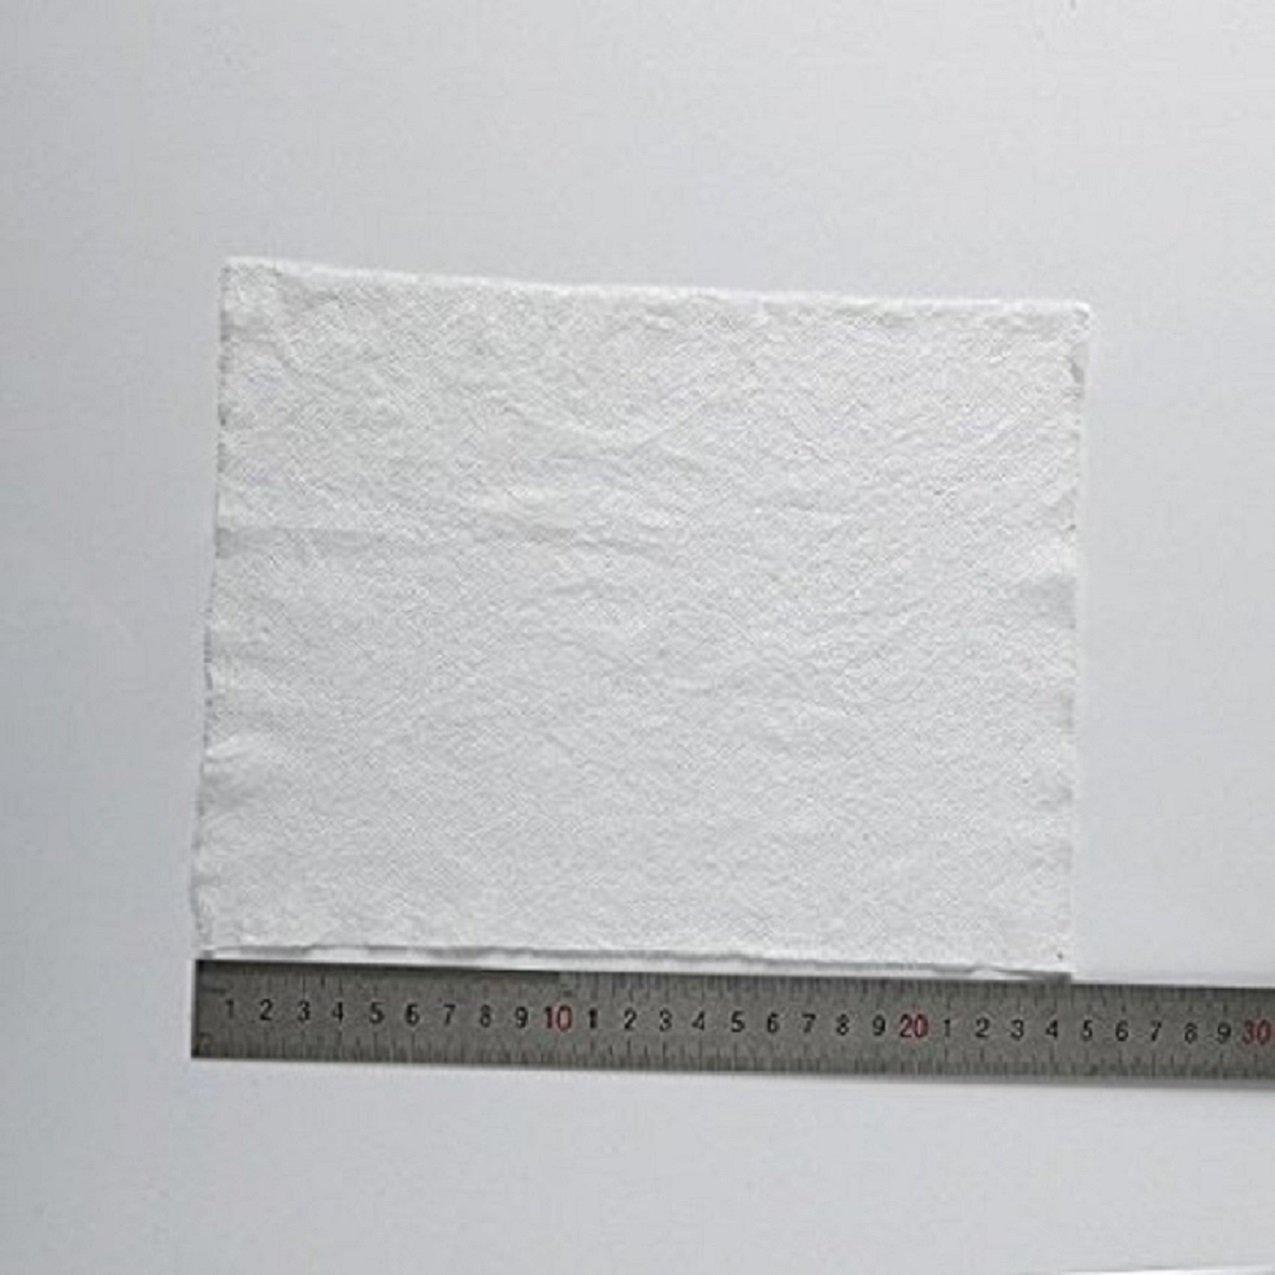 50 Piezas Mini Toallas Comprimidas Desechable Disponible del Algodón del Cuidado de la Cara al Aire Libre del Recorrido: Amazon.es: Bricolaje y herramientas